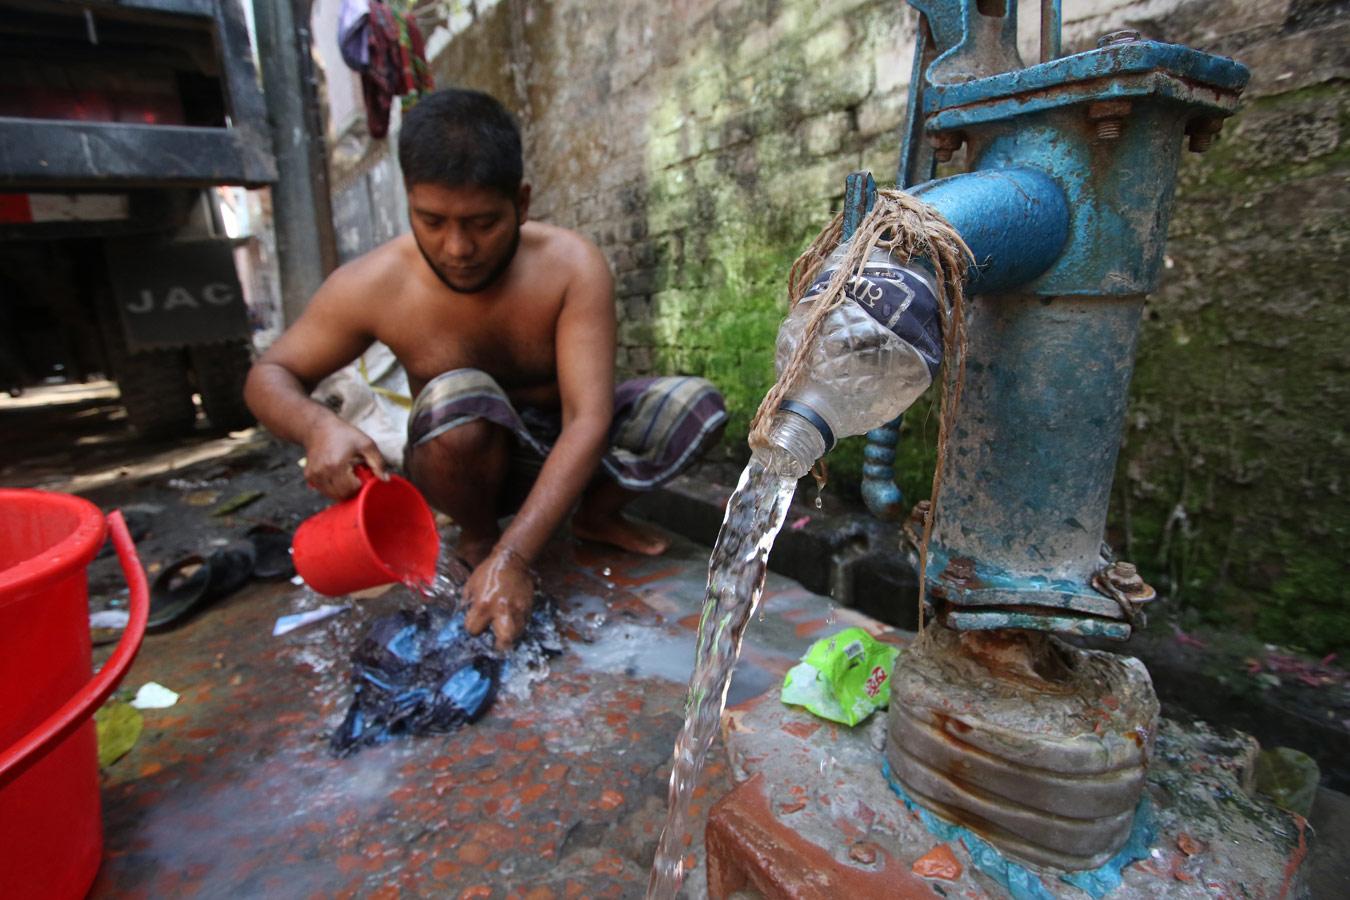 © Судепто Салам, Фотоконкурс «Гендерная и водная целостность»